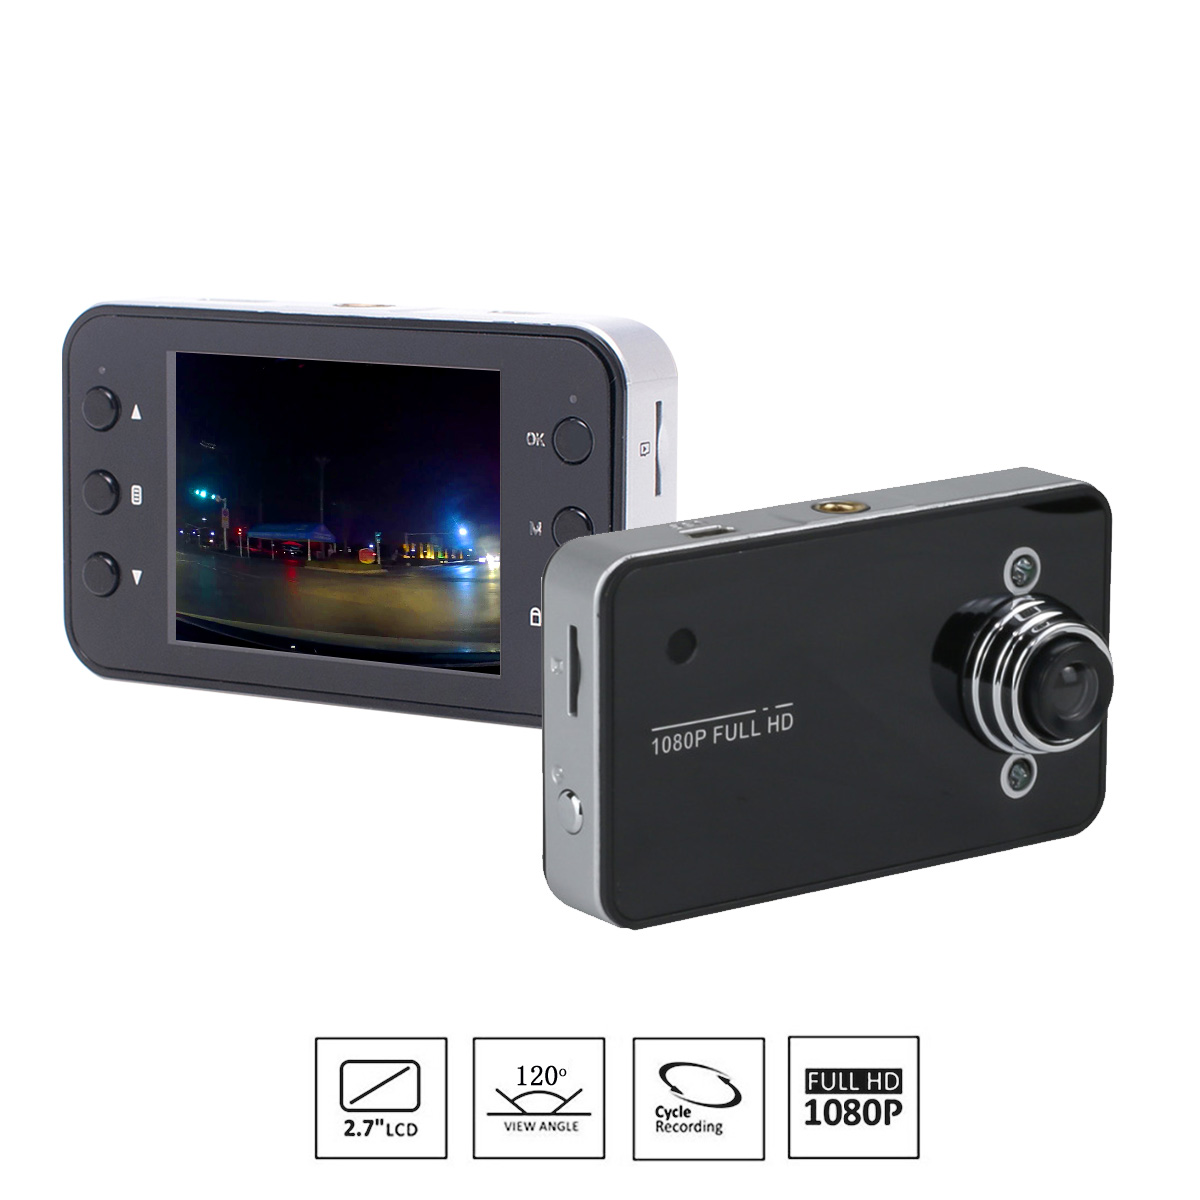 HD1080P Visione Notturna LED Super HD Auto Nera DVR del Cruscotto Della Macchina Fotografica Video Recorder Registrazione del Ciclo Mini Dash Cam Dvr